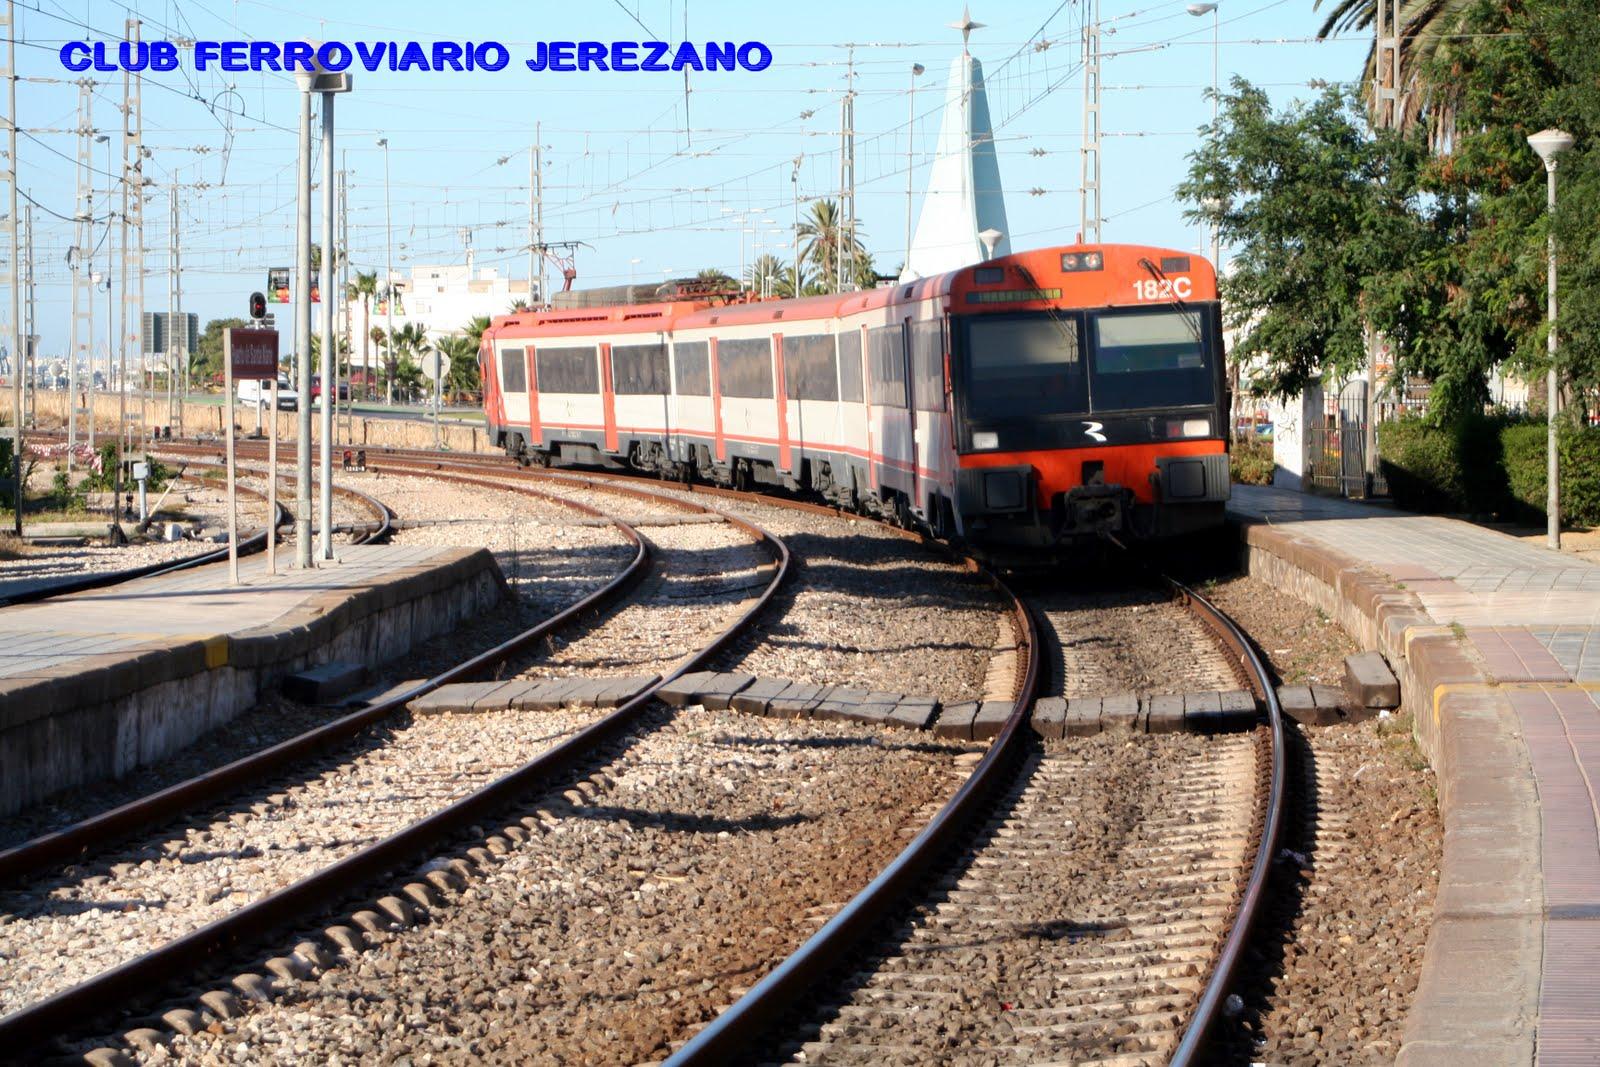 Club ferroviario jerezano estaci n puerto de santa mar a - Estacion de tren puerto de santa maria ...